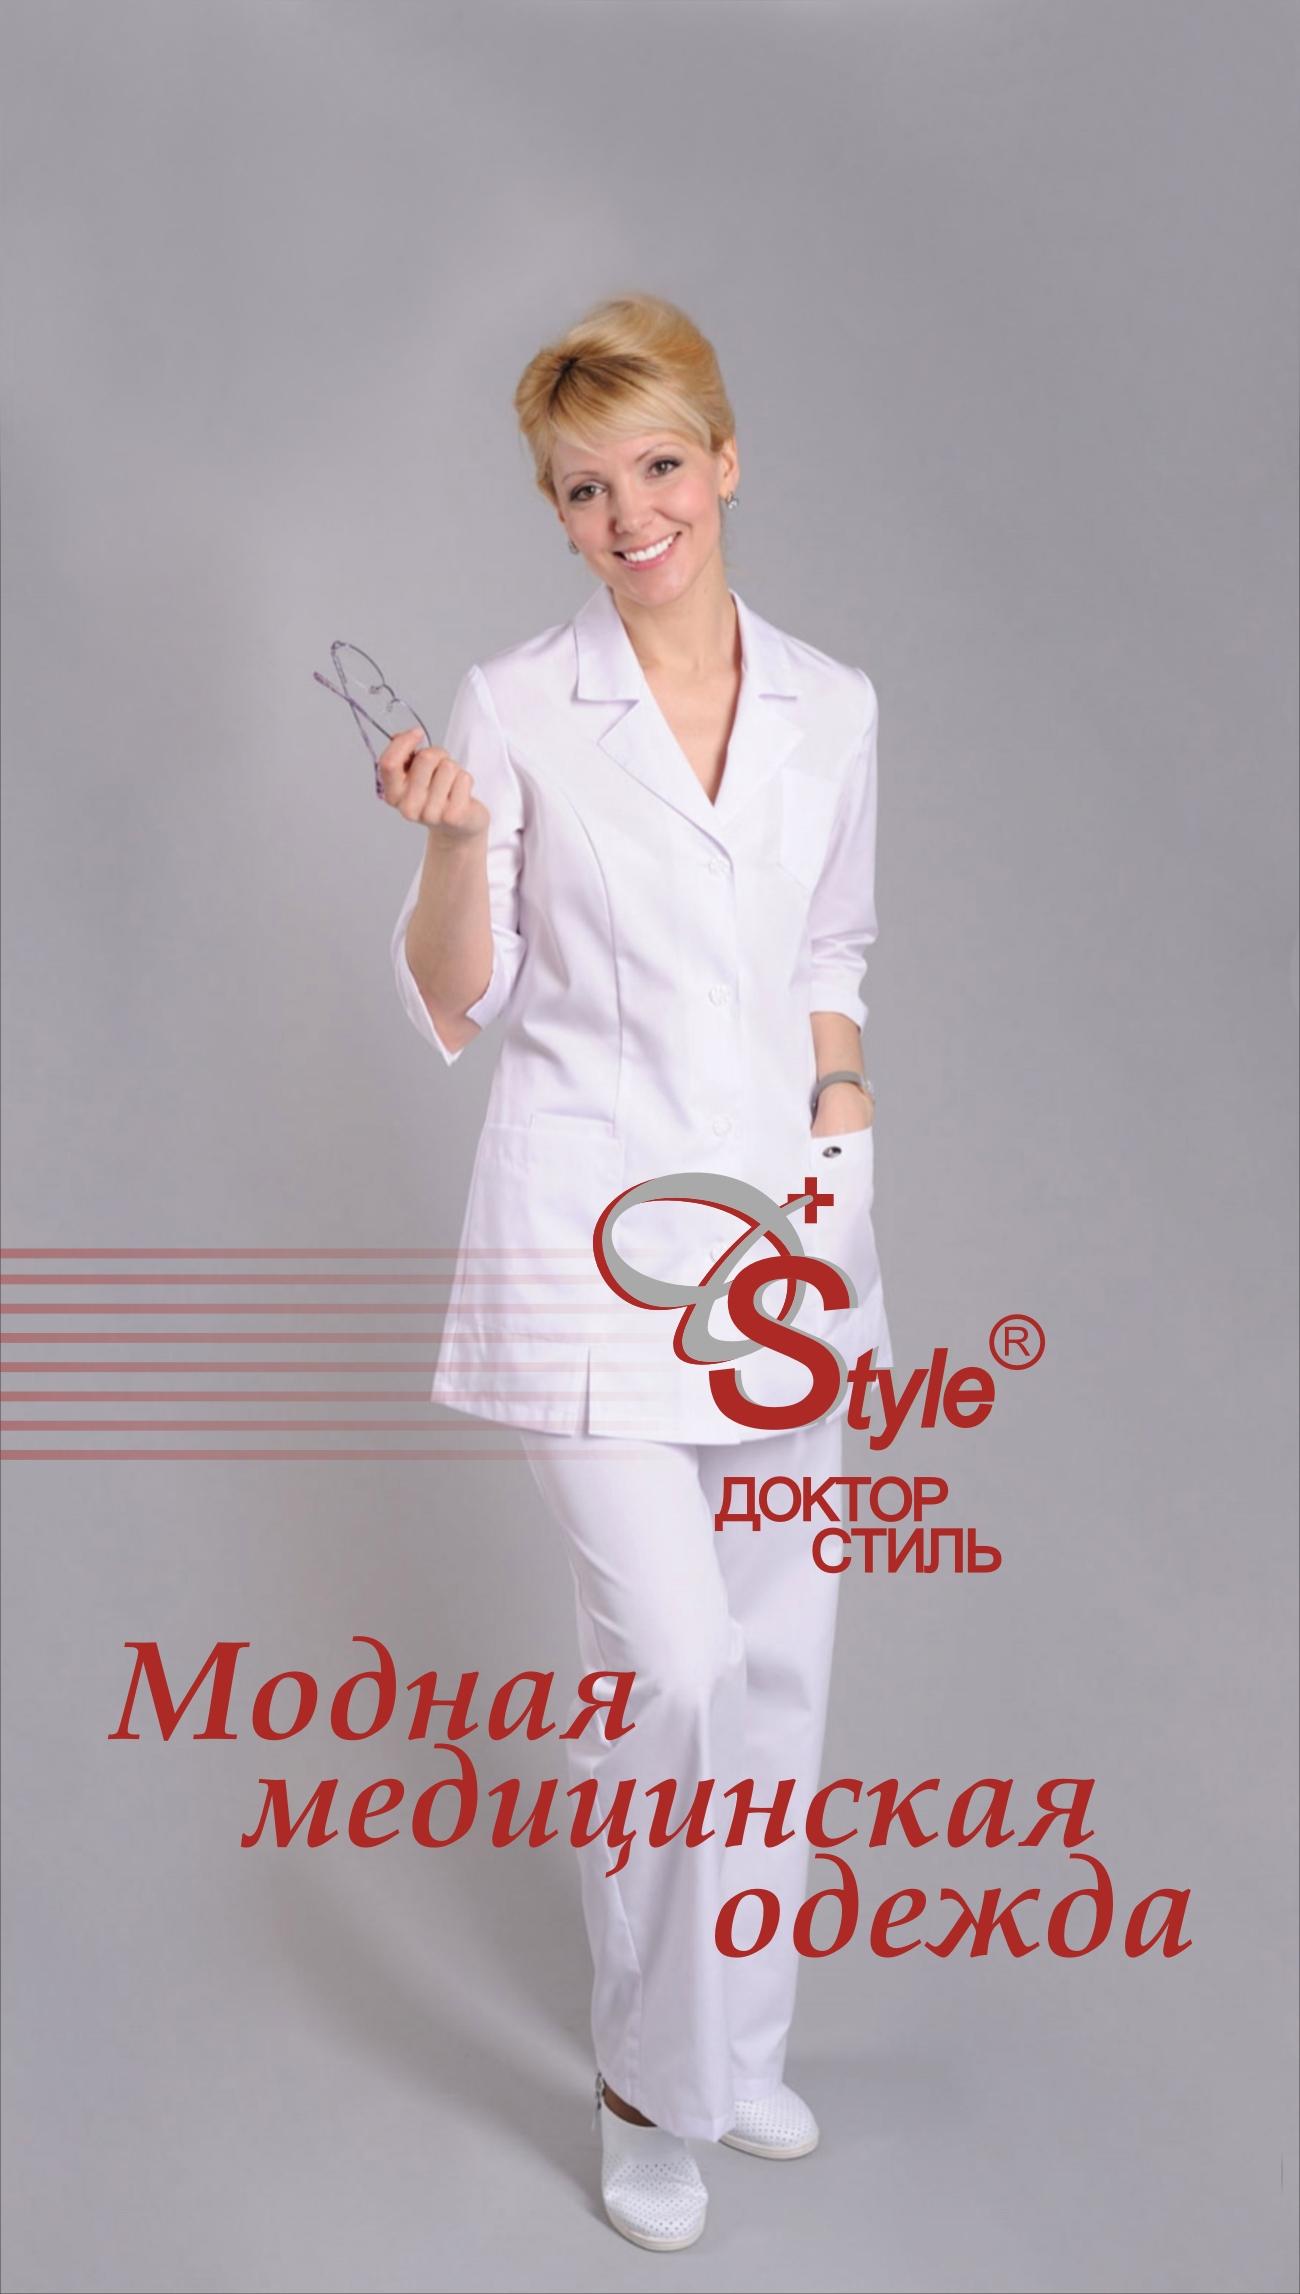 Мед Одежда Модный Доктор Каталог